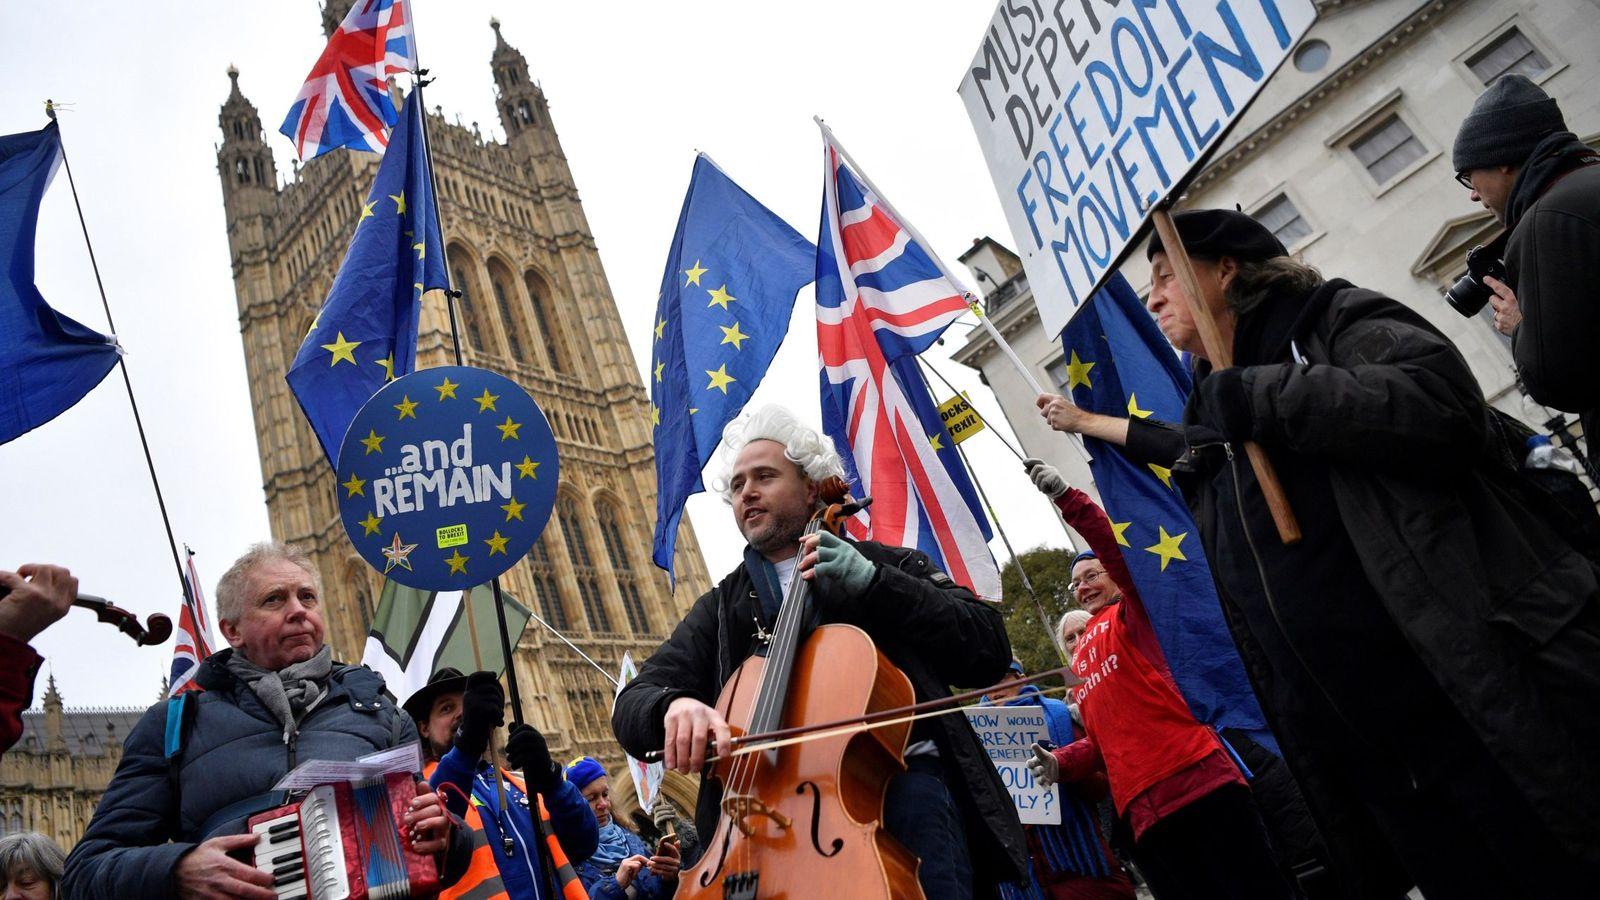 Foto: Varios manifestantes antiBrexit participan en una protesta junto al Parlamento británico en Londres. (EFE)